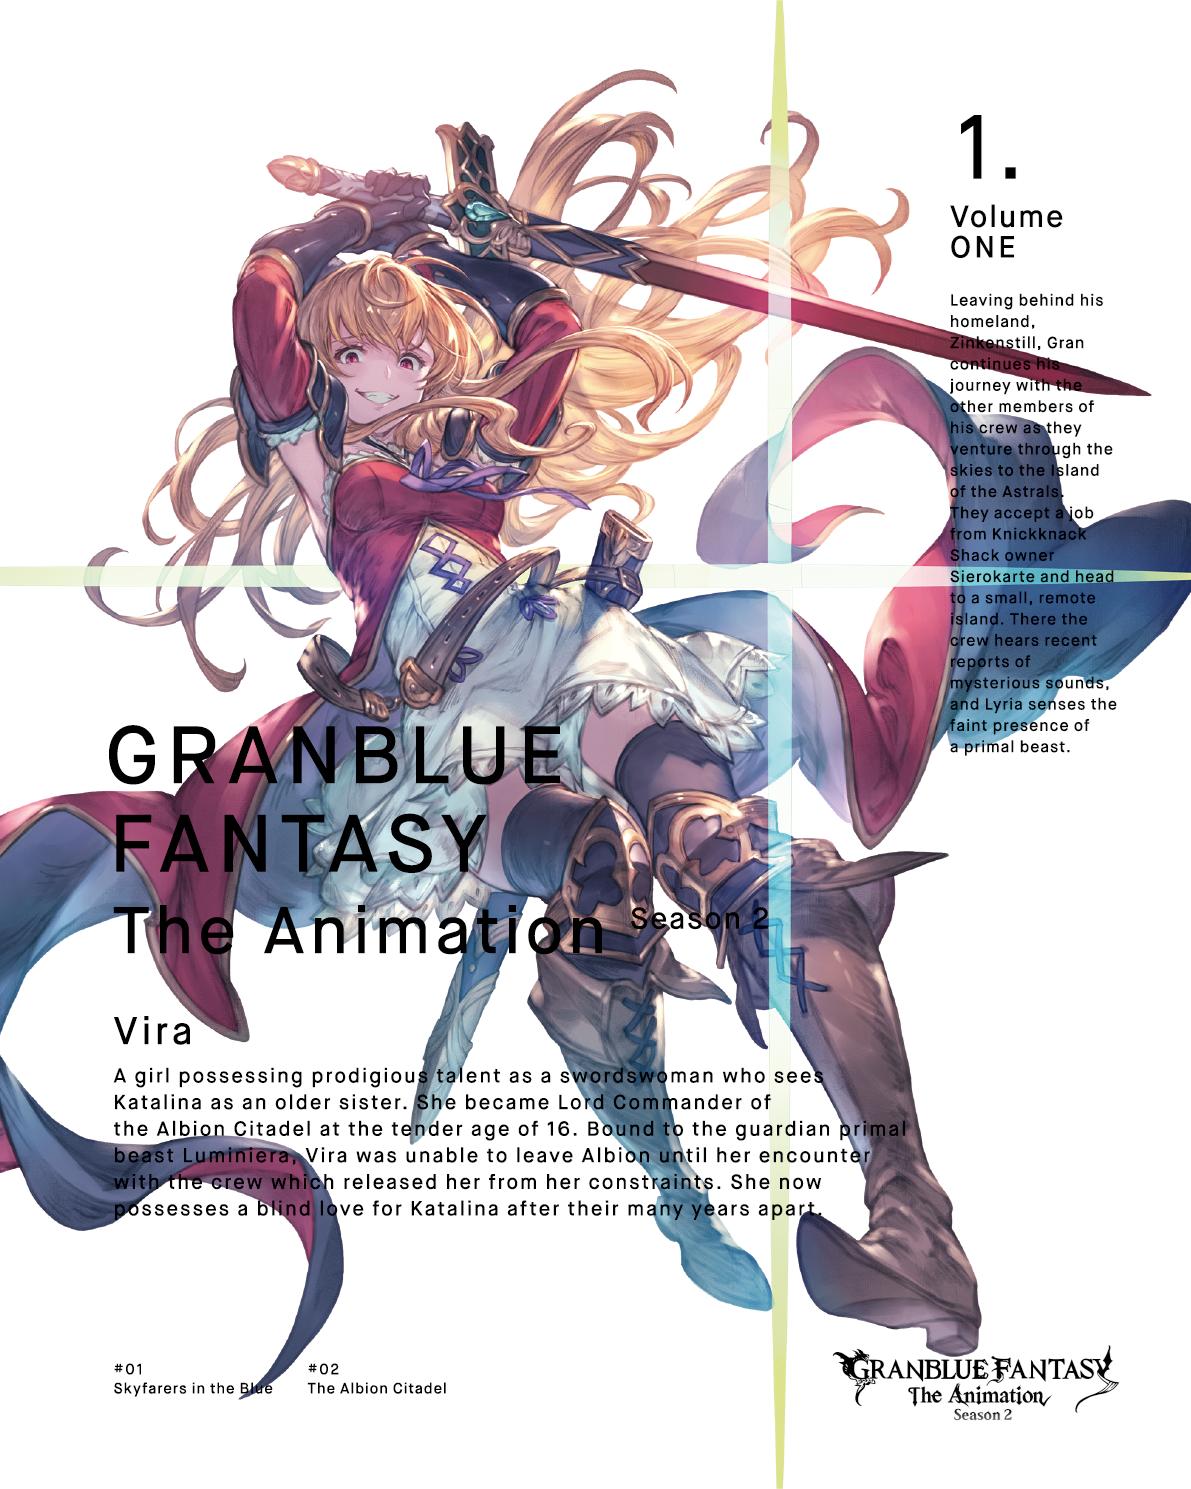 Granblue Fantasy The Animation Season 2 Dvd第1巻描きおろしジャケットイラスト 公開 株式会社アニプレックスのプレスリリース